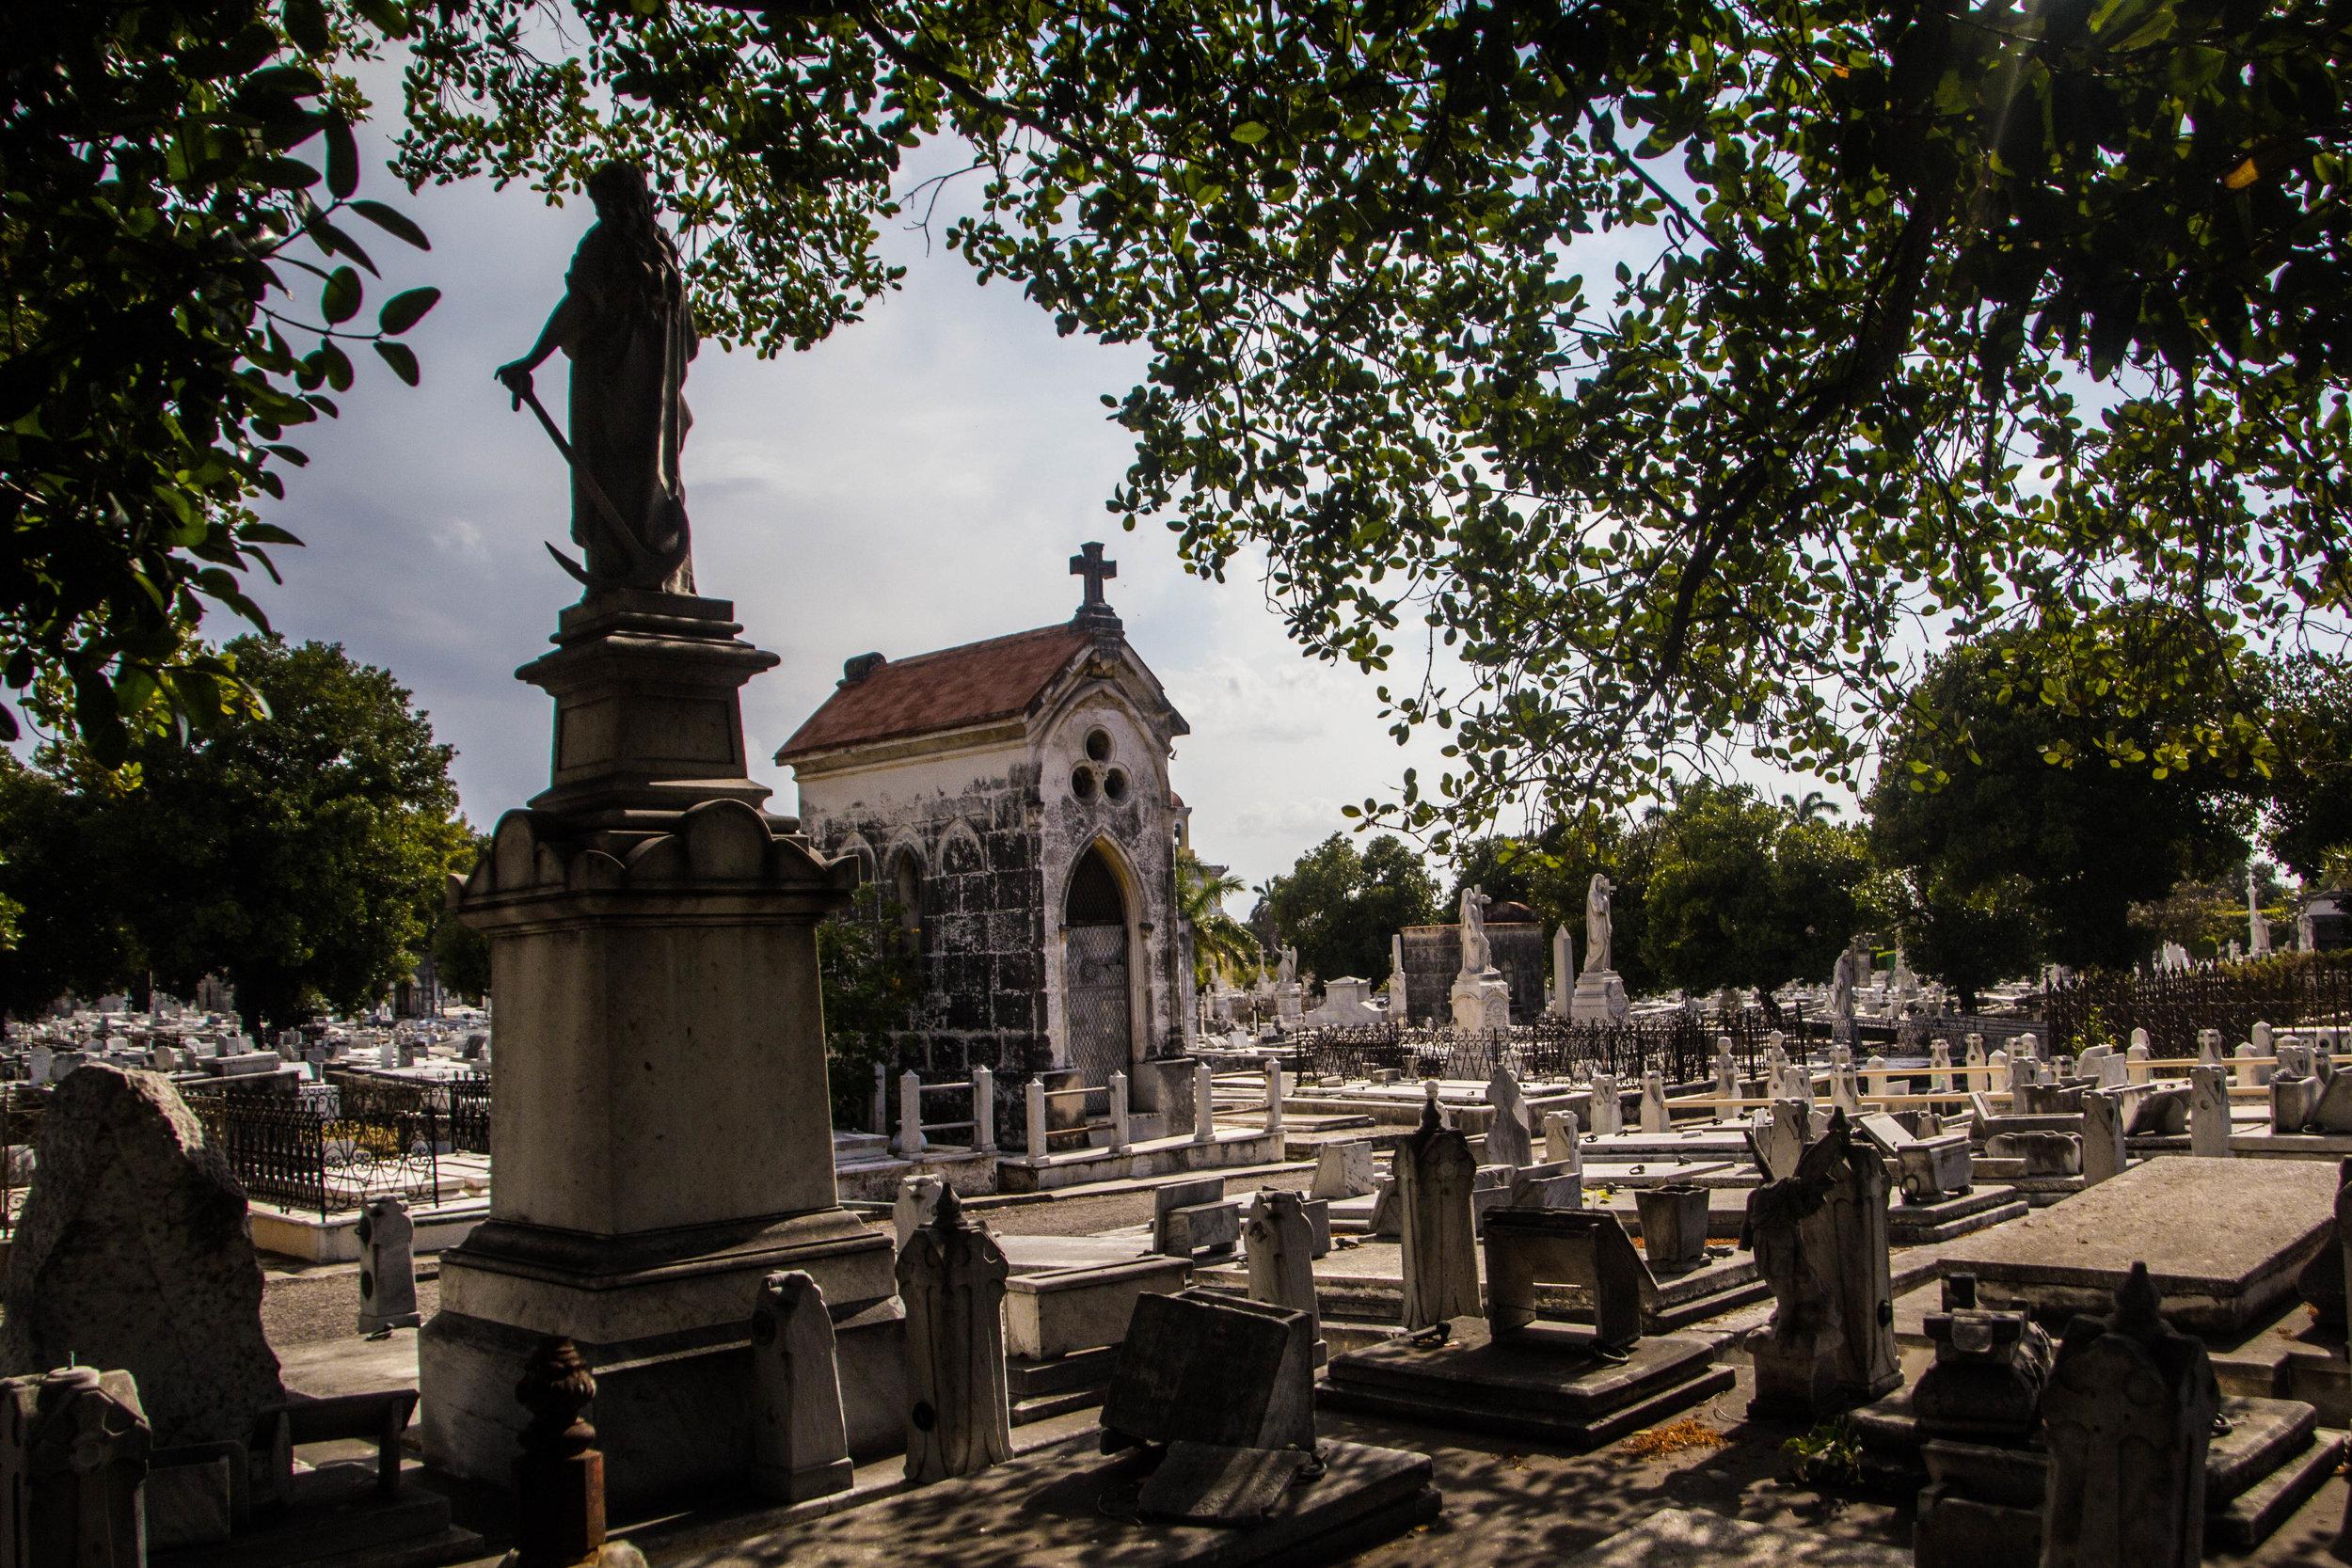 cementerio de cristóbal colón havana cuba-1-7.jpg